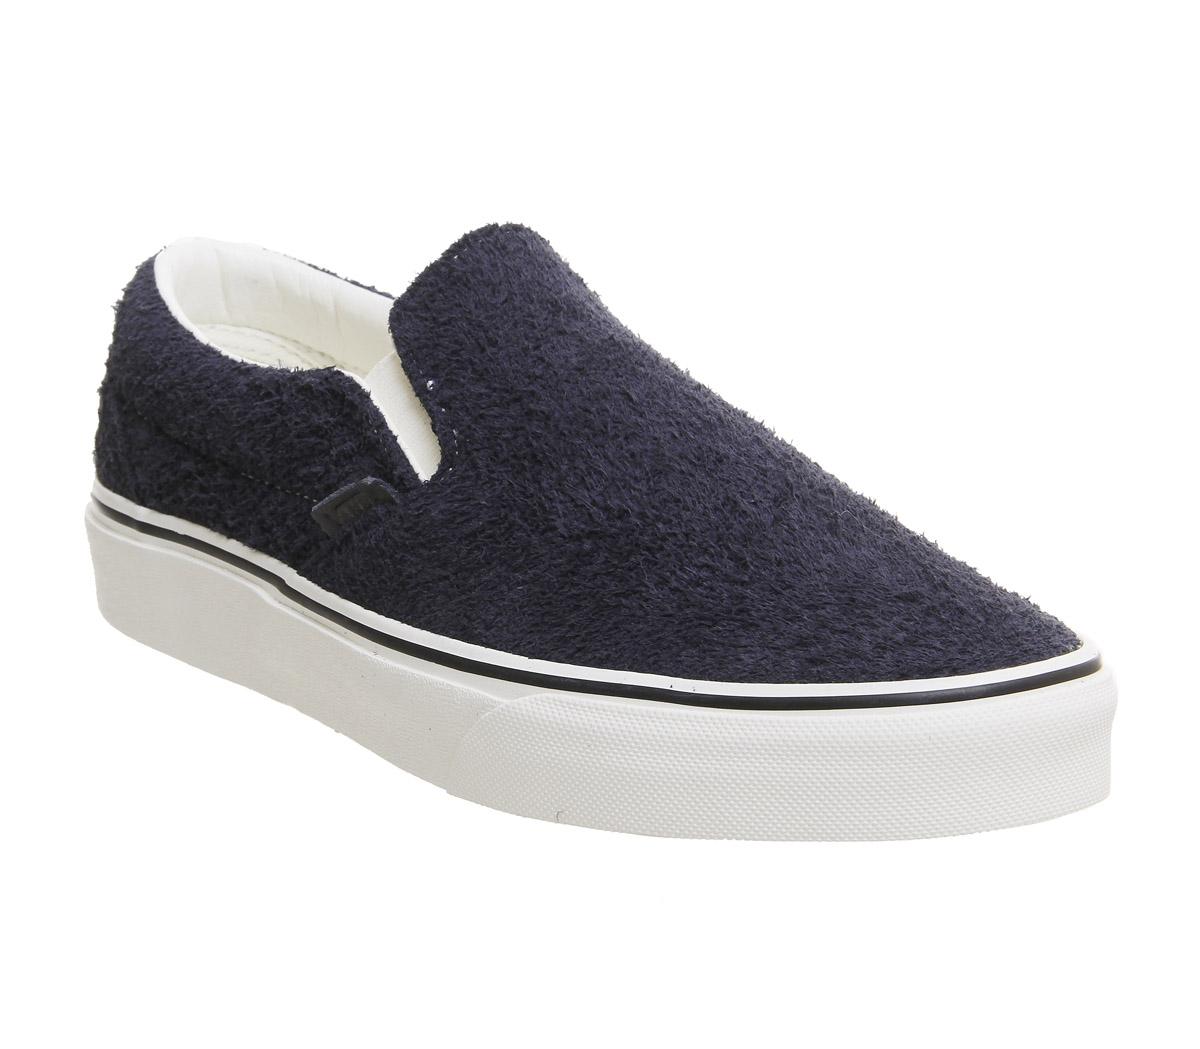 a7b9880abc8 SENTINELLE VANS Vans Classic Slip On chaussures formateurs de formateurs  capitaine SKY blanche-neige